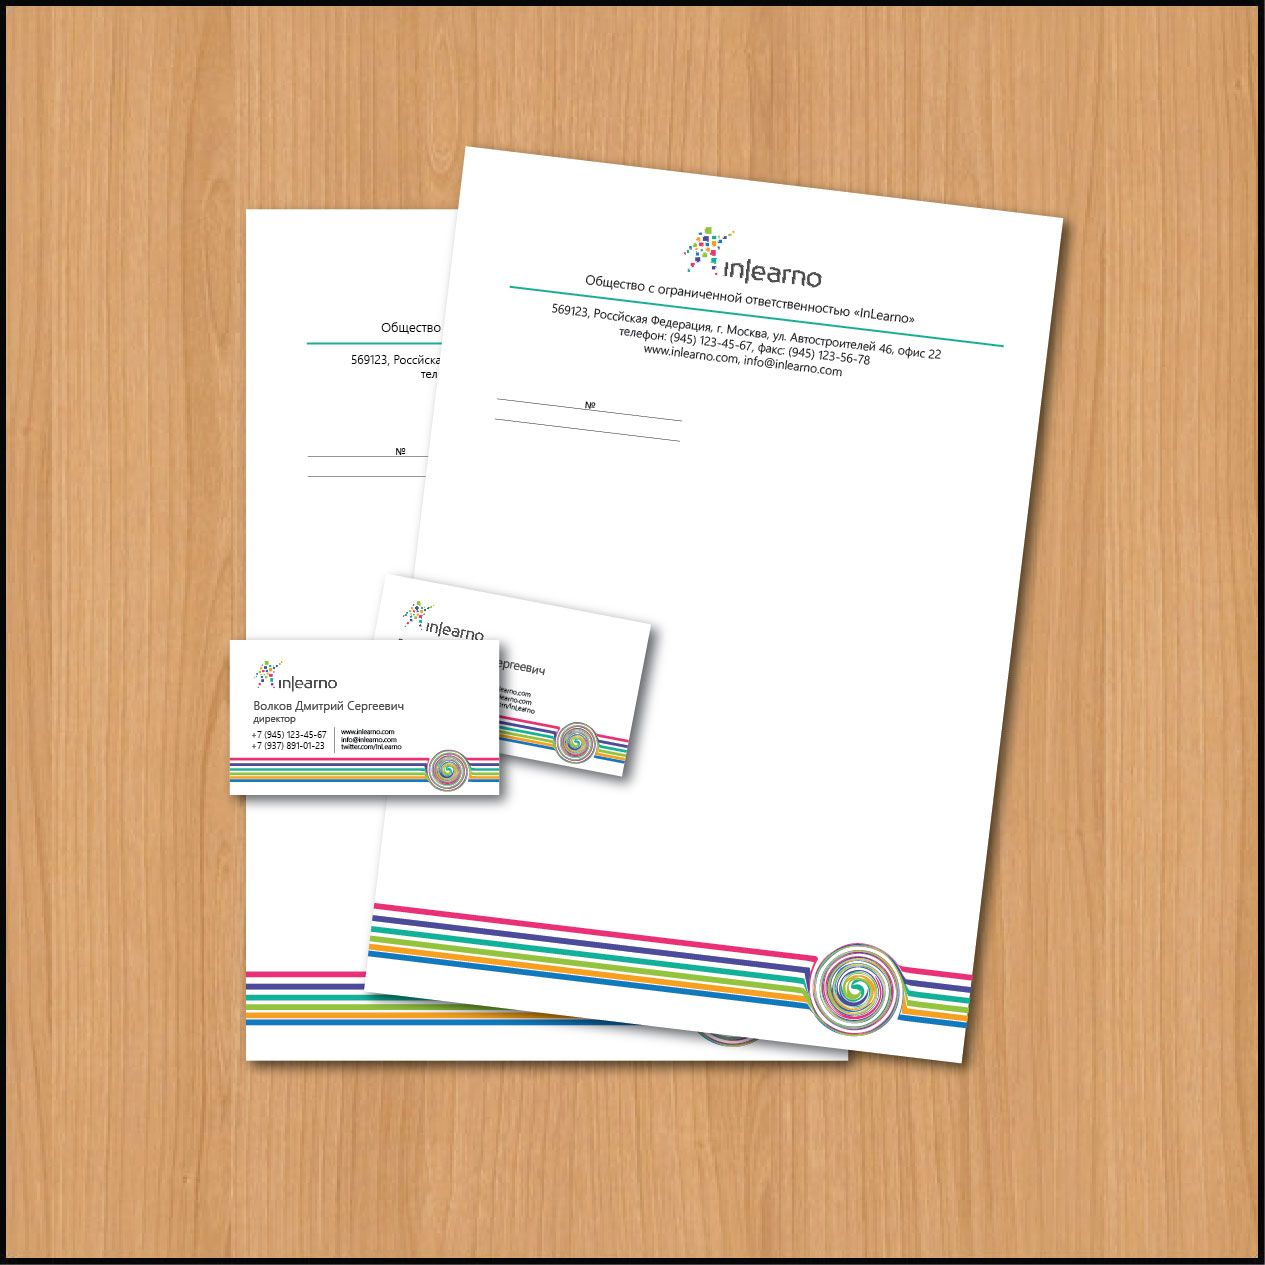 Визитная карточка и фирменный бланк Inlearno - дизайнер Sky4u